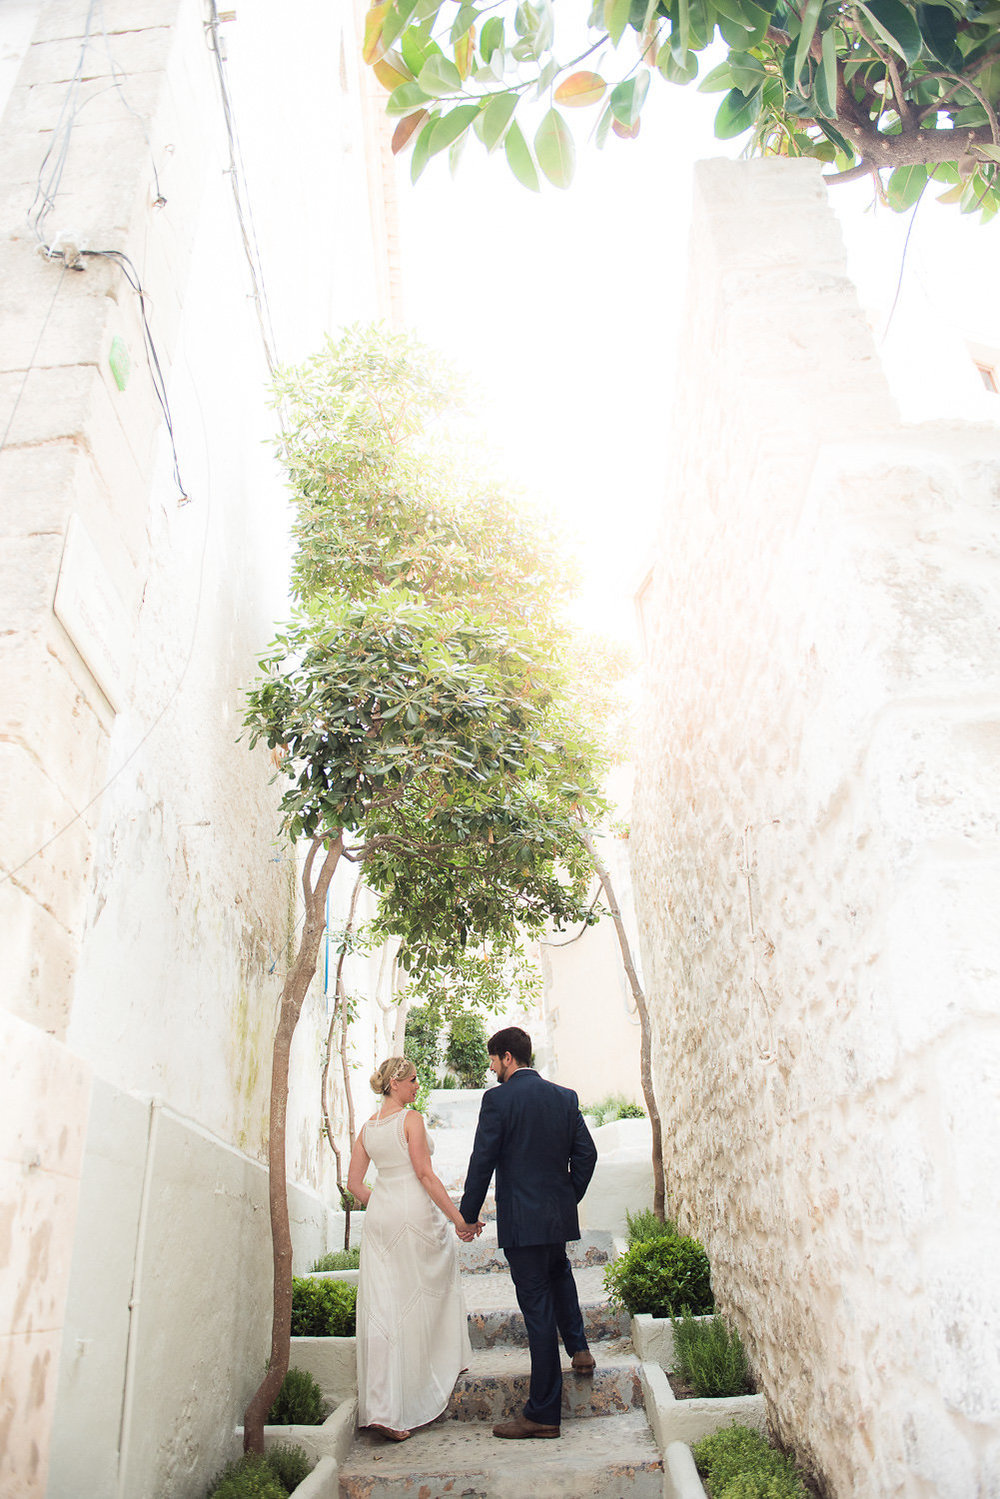 Feb 20, 2018  Masha Kart zeigt uns die schönsten Orte für ein Fotoshooting auf Ibiza